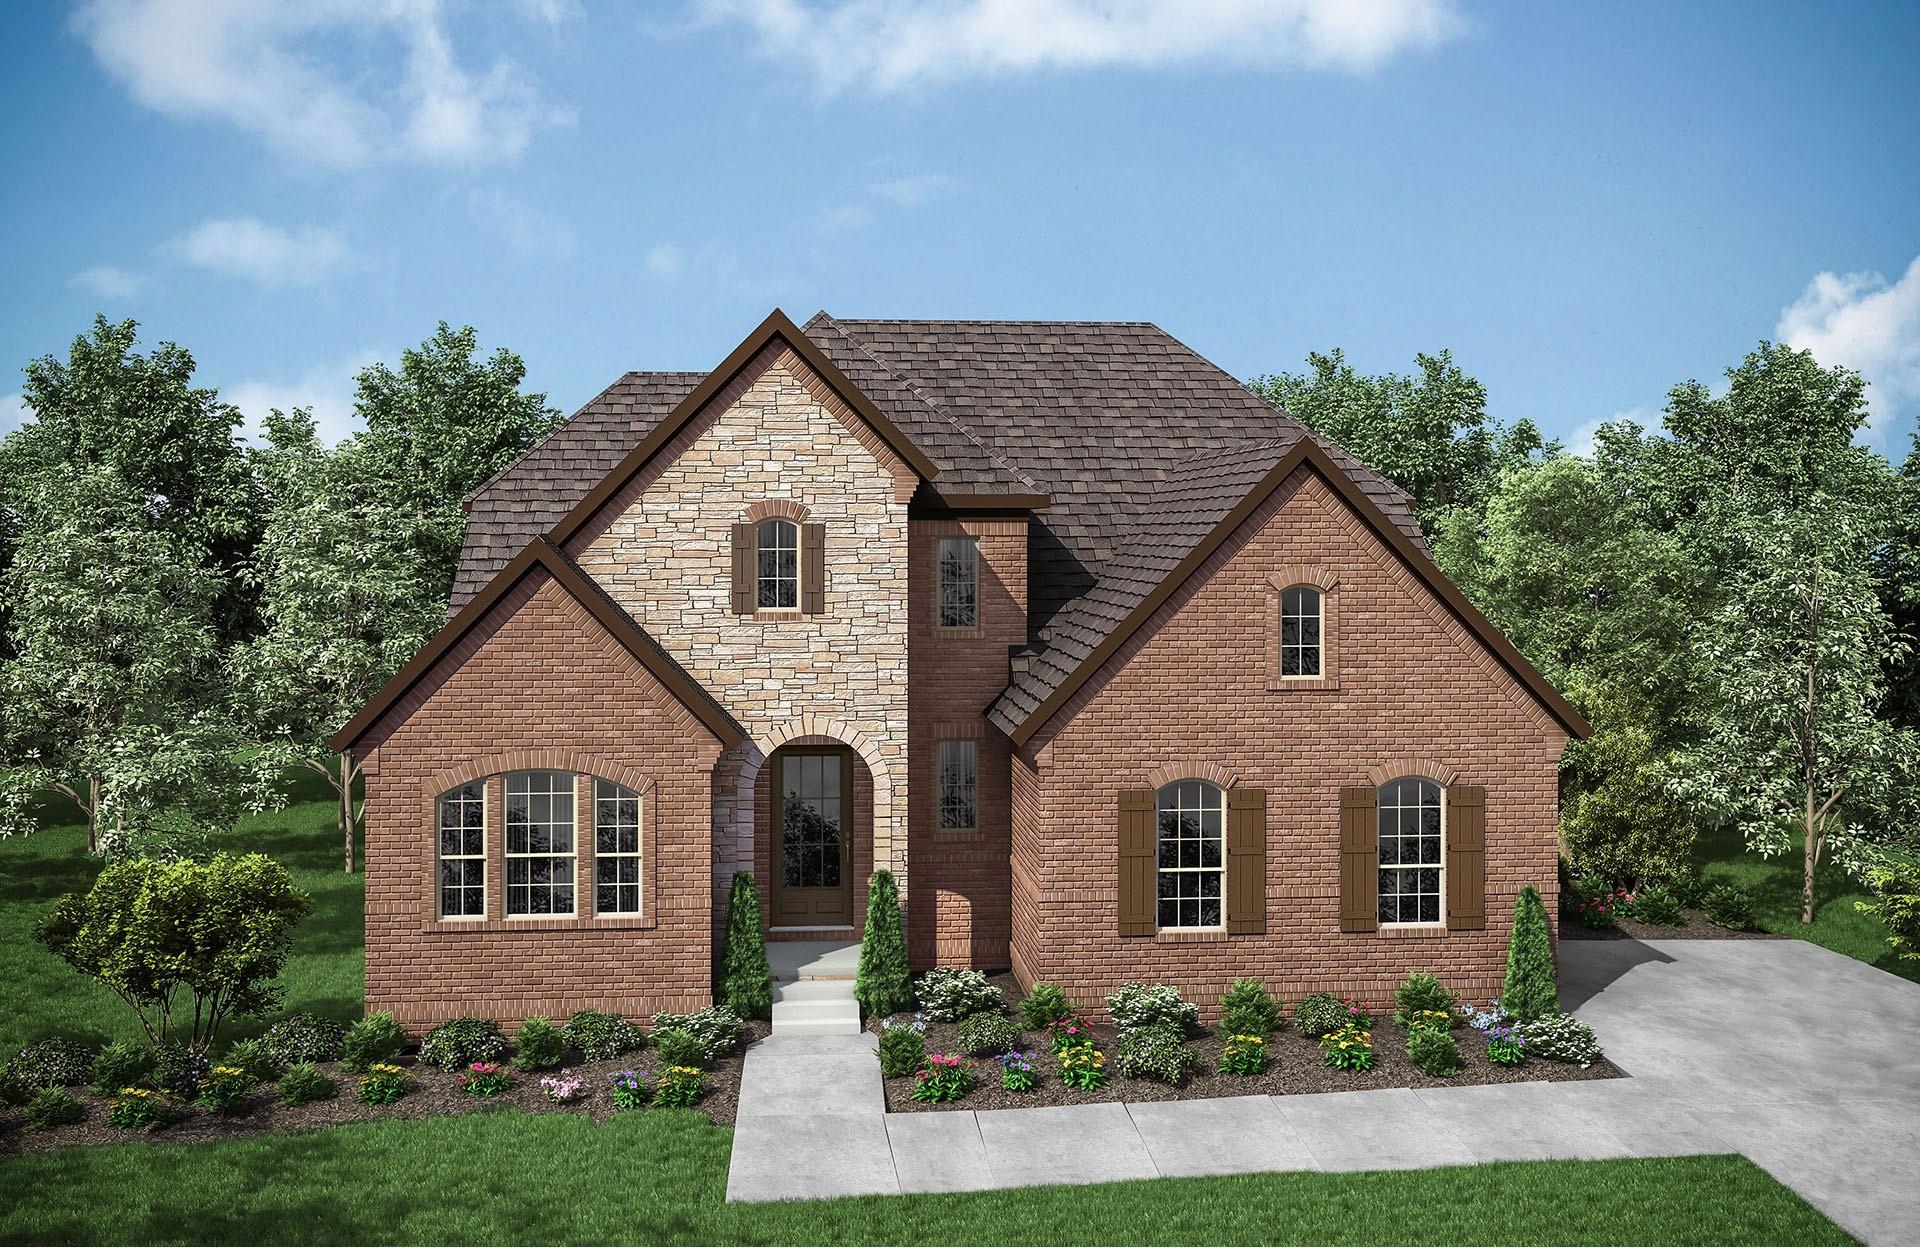 3057 Elliott Dr., Mount Juliet, TN 37122 - Mount Juliet, TN real estate listing